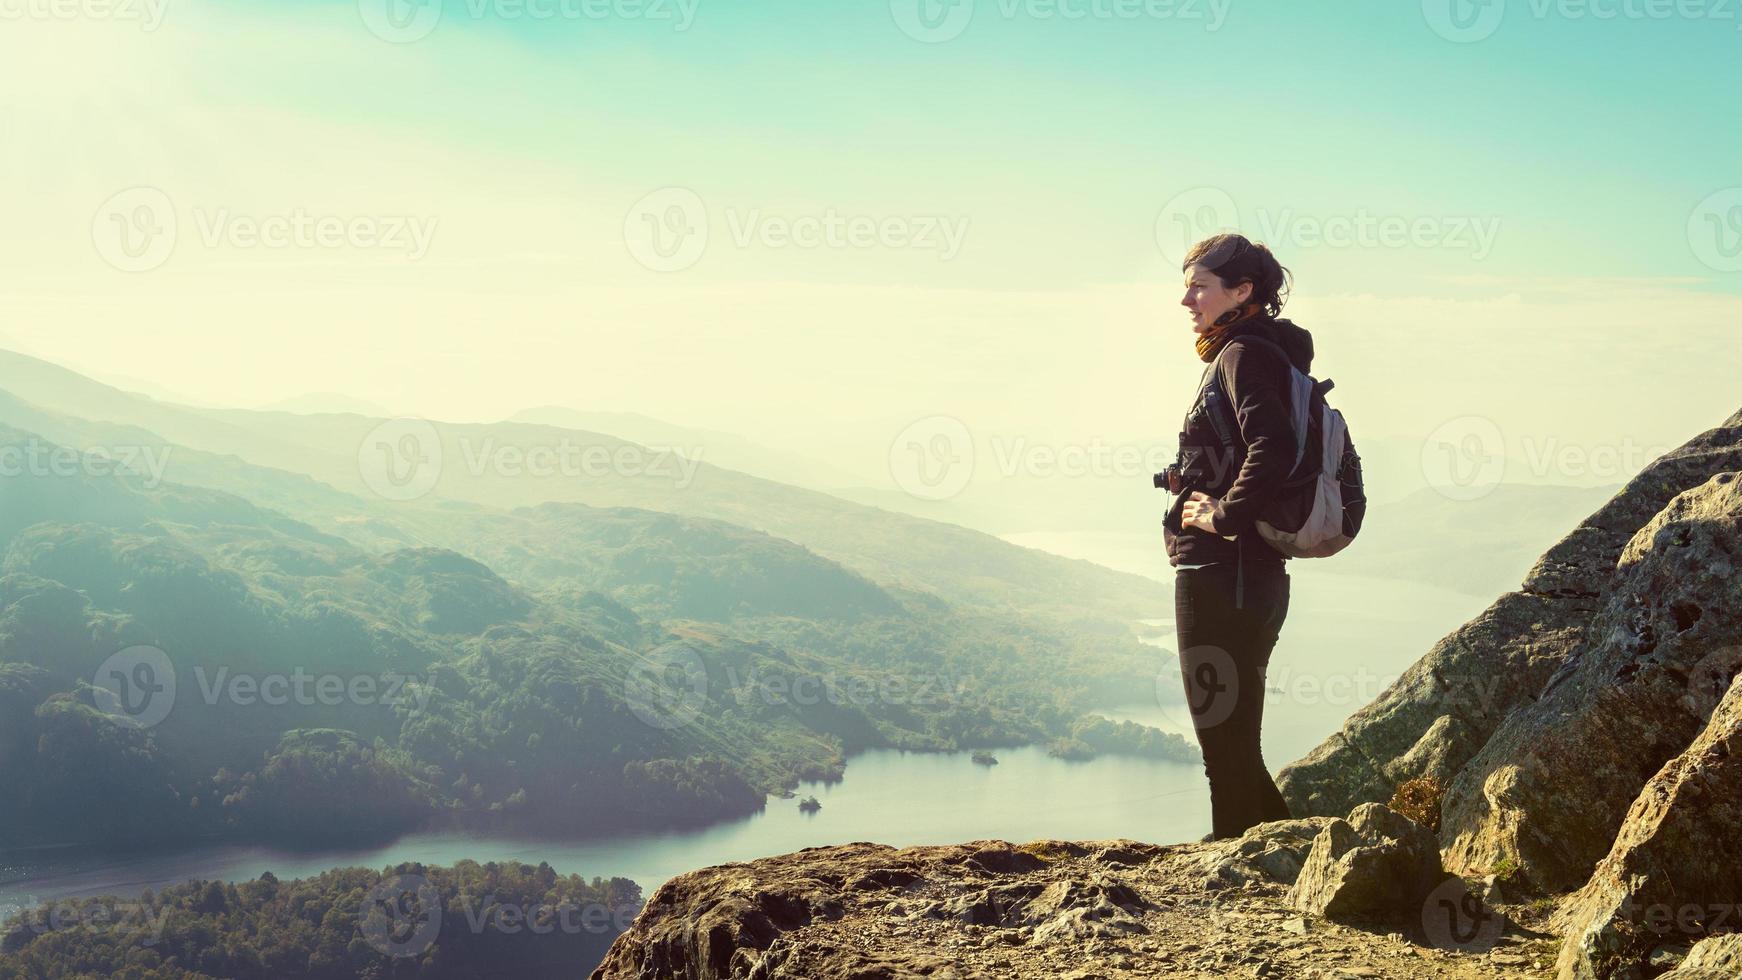 Excursionista en la cima de la montaña disfrutando de la vista, Loch Katrine, Escocia foto